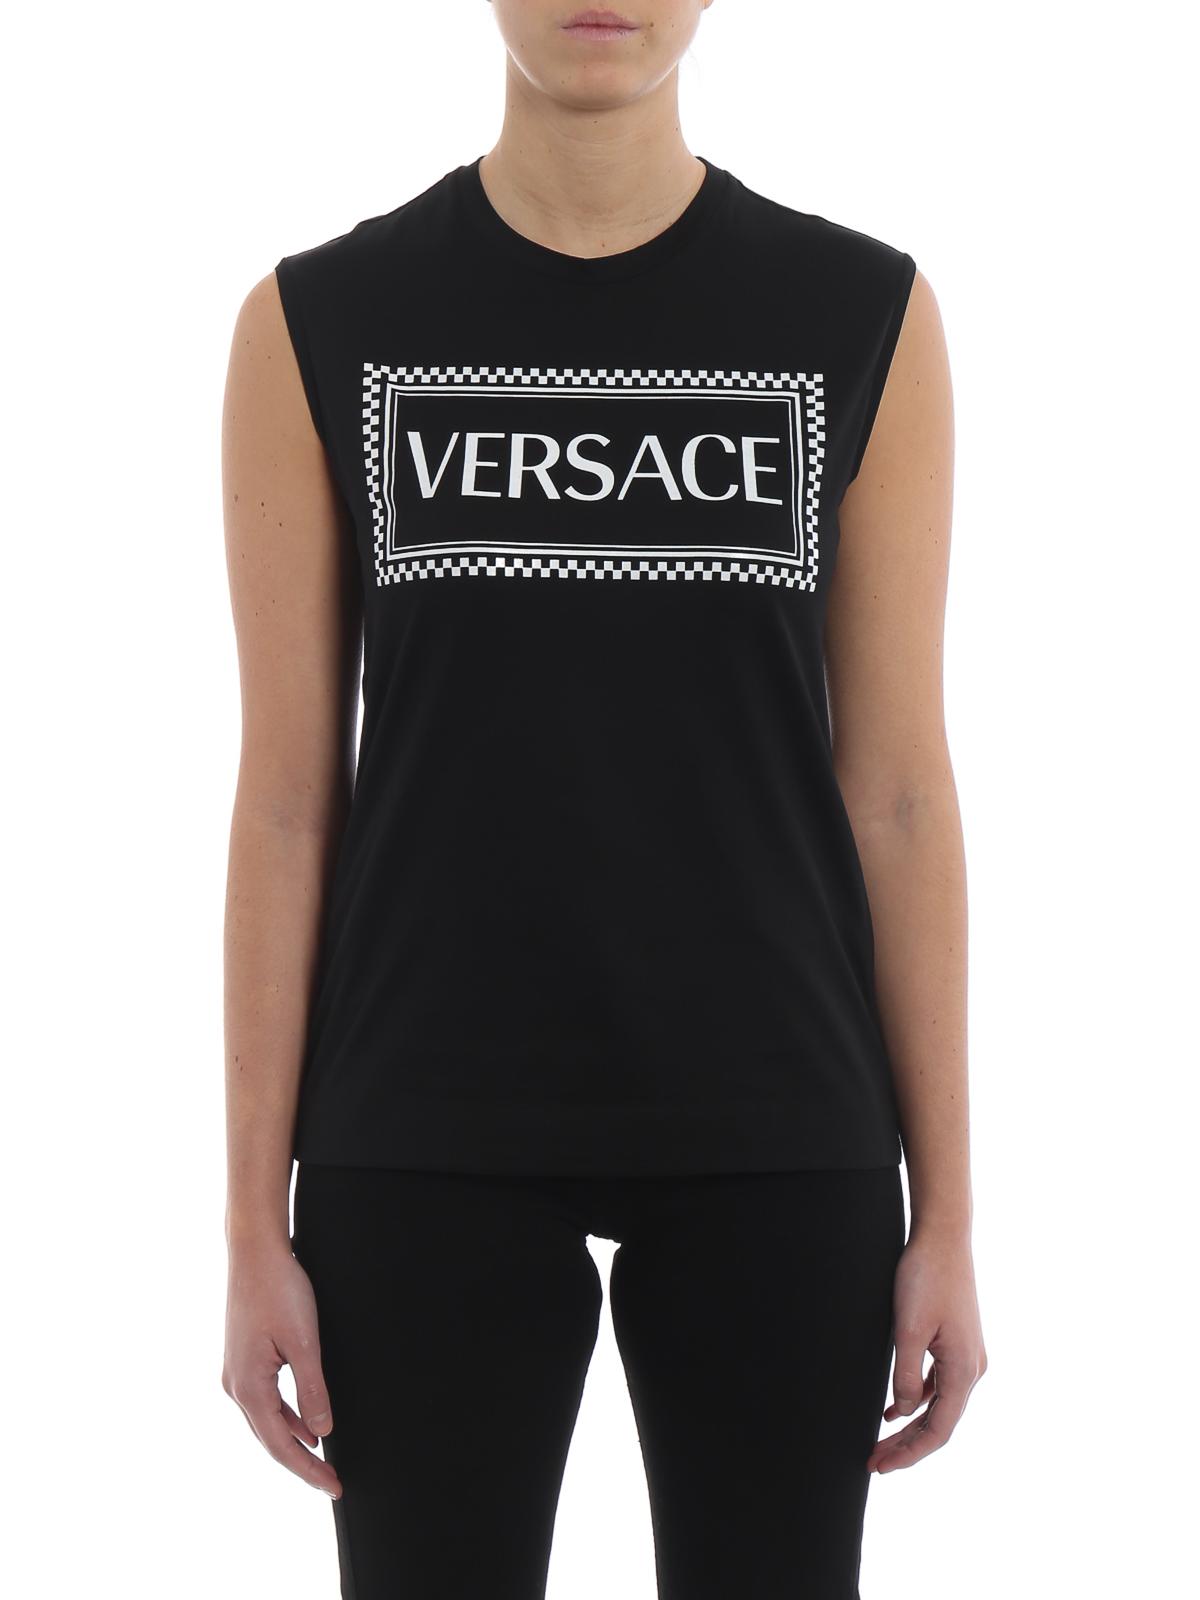 Top E Con Stampa In Canotta Versace Nera Cotone A Contrasto dxCBoeWr